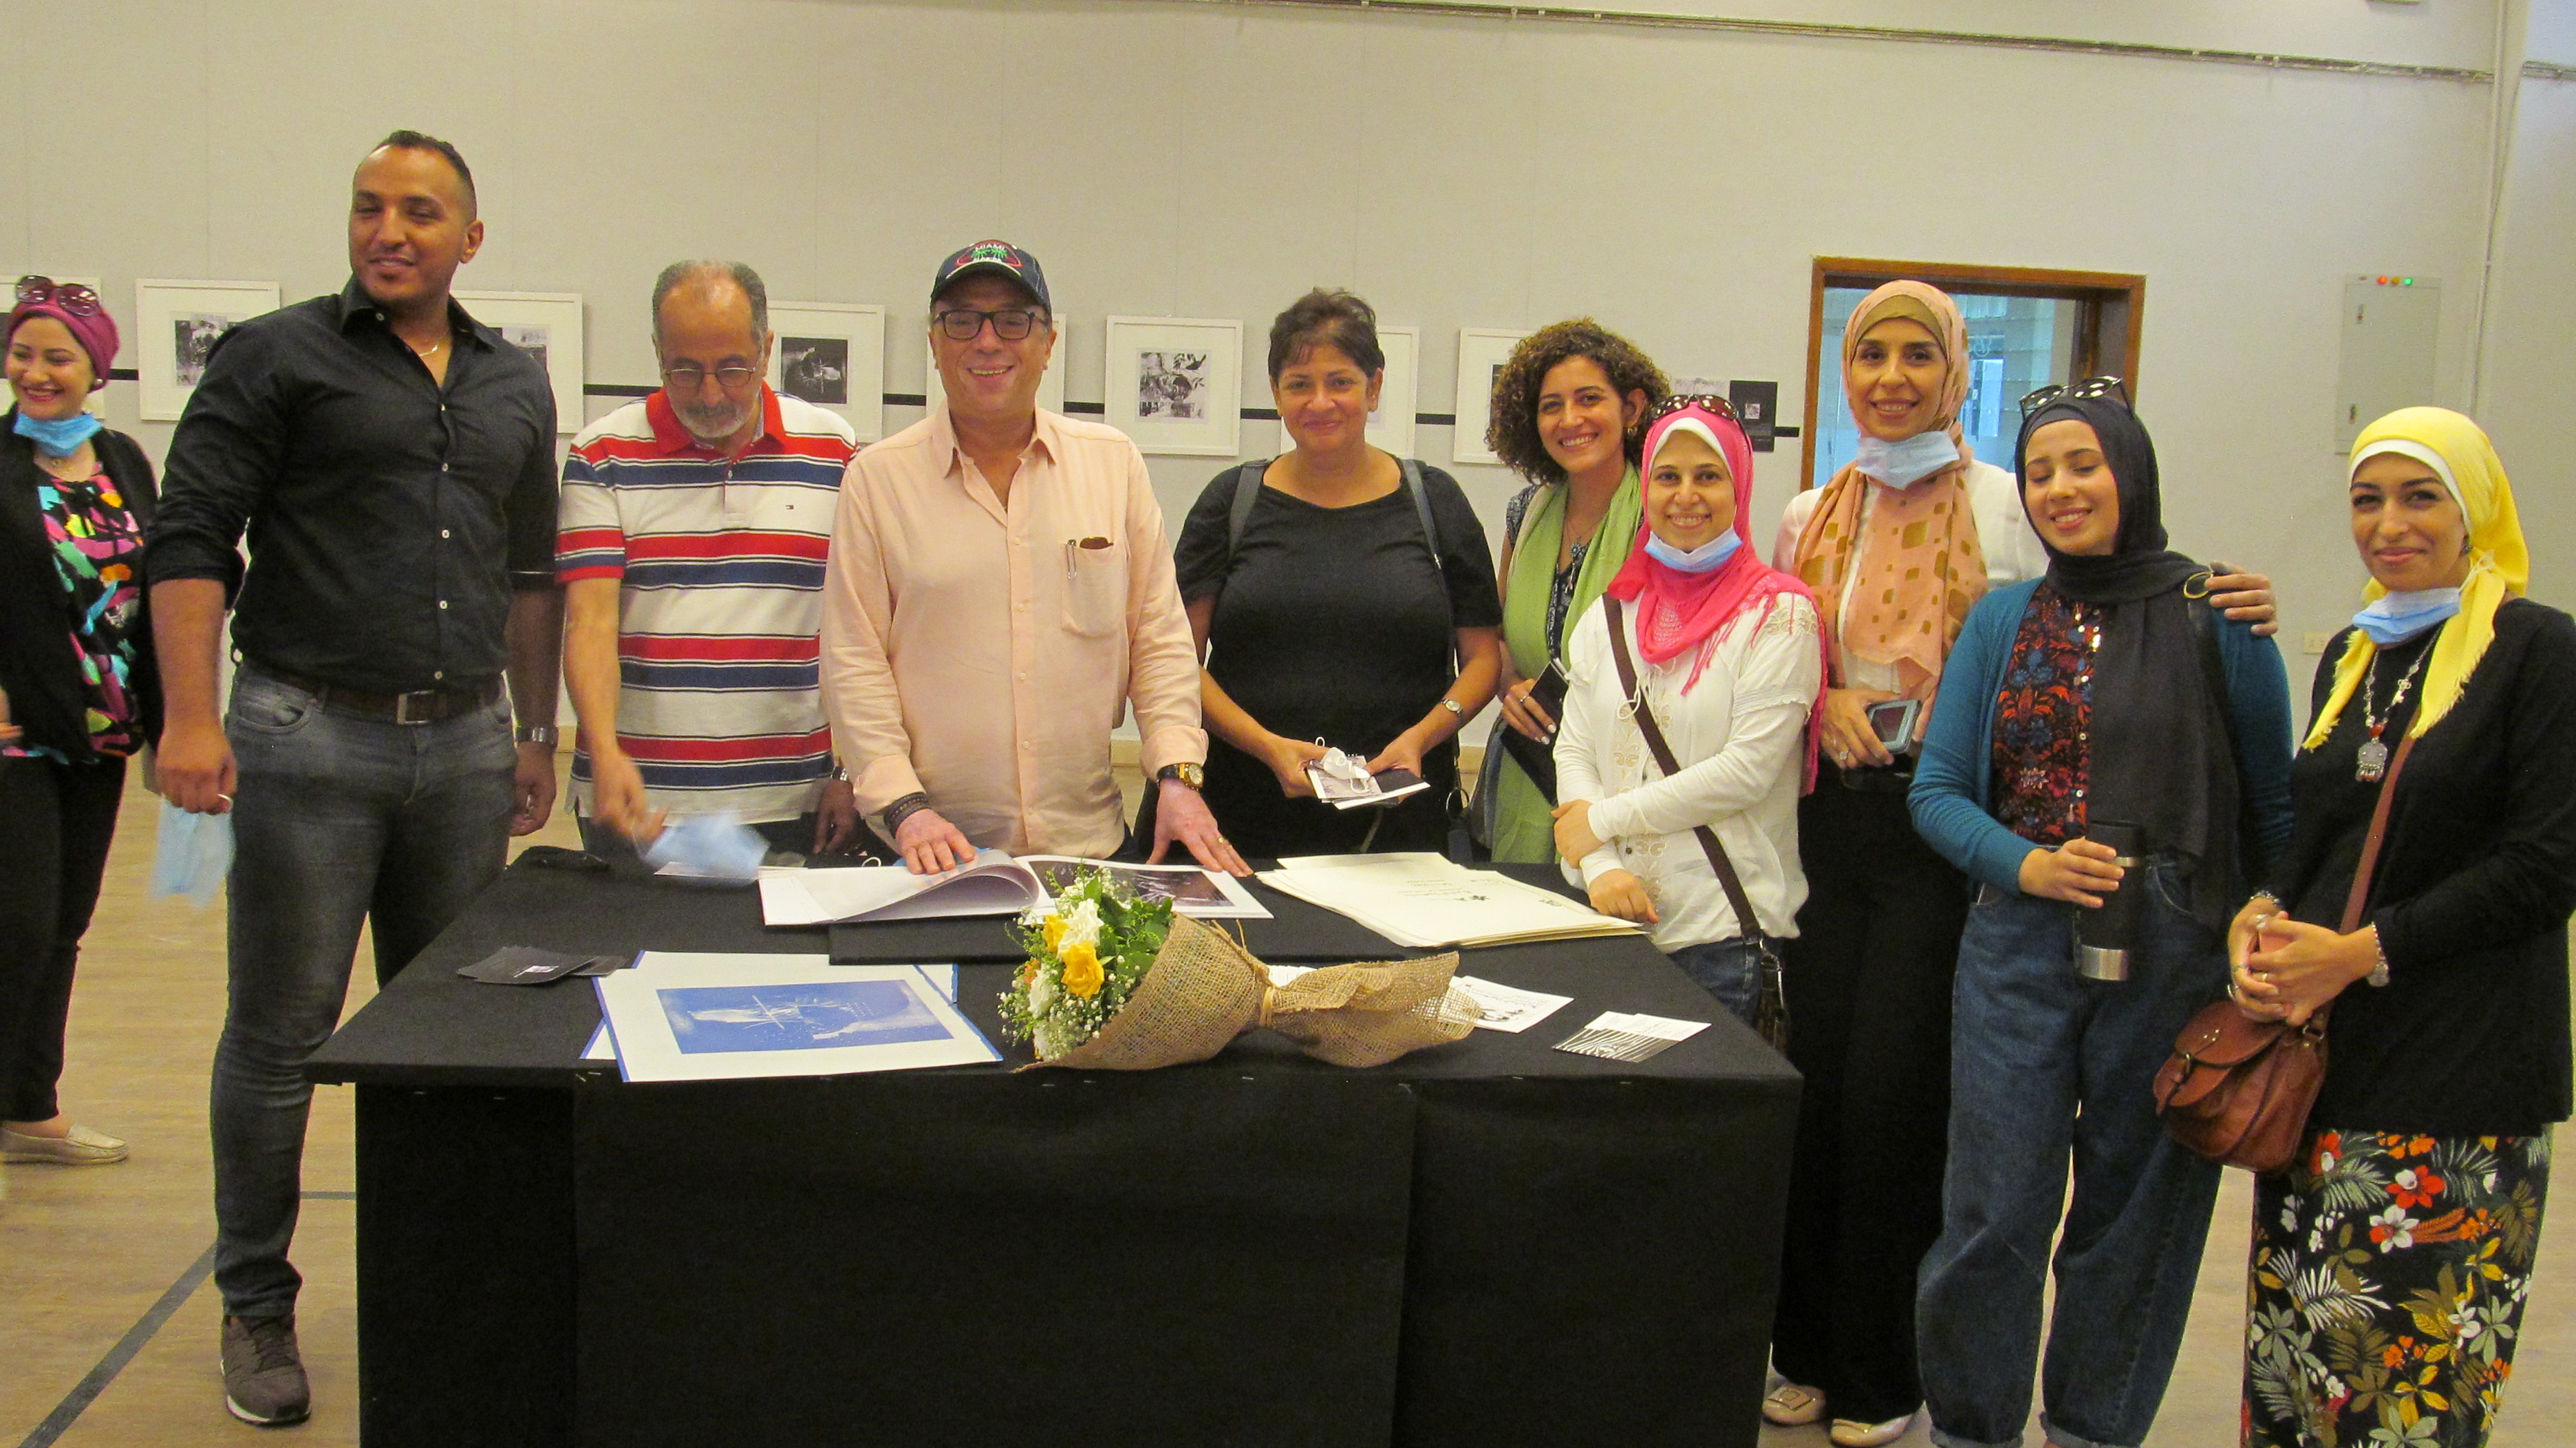 الدكتور أشرف رضا بمعرض الدكتورة إيمان أسامة  (3)